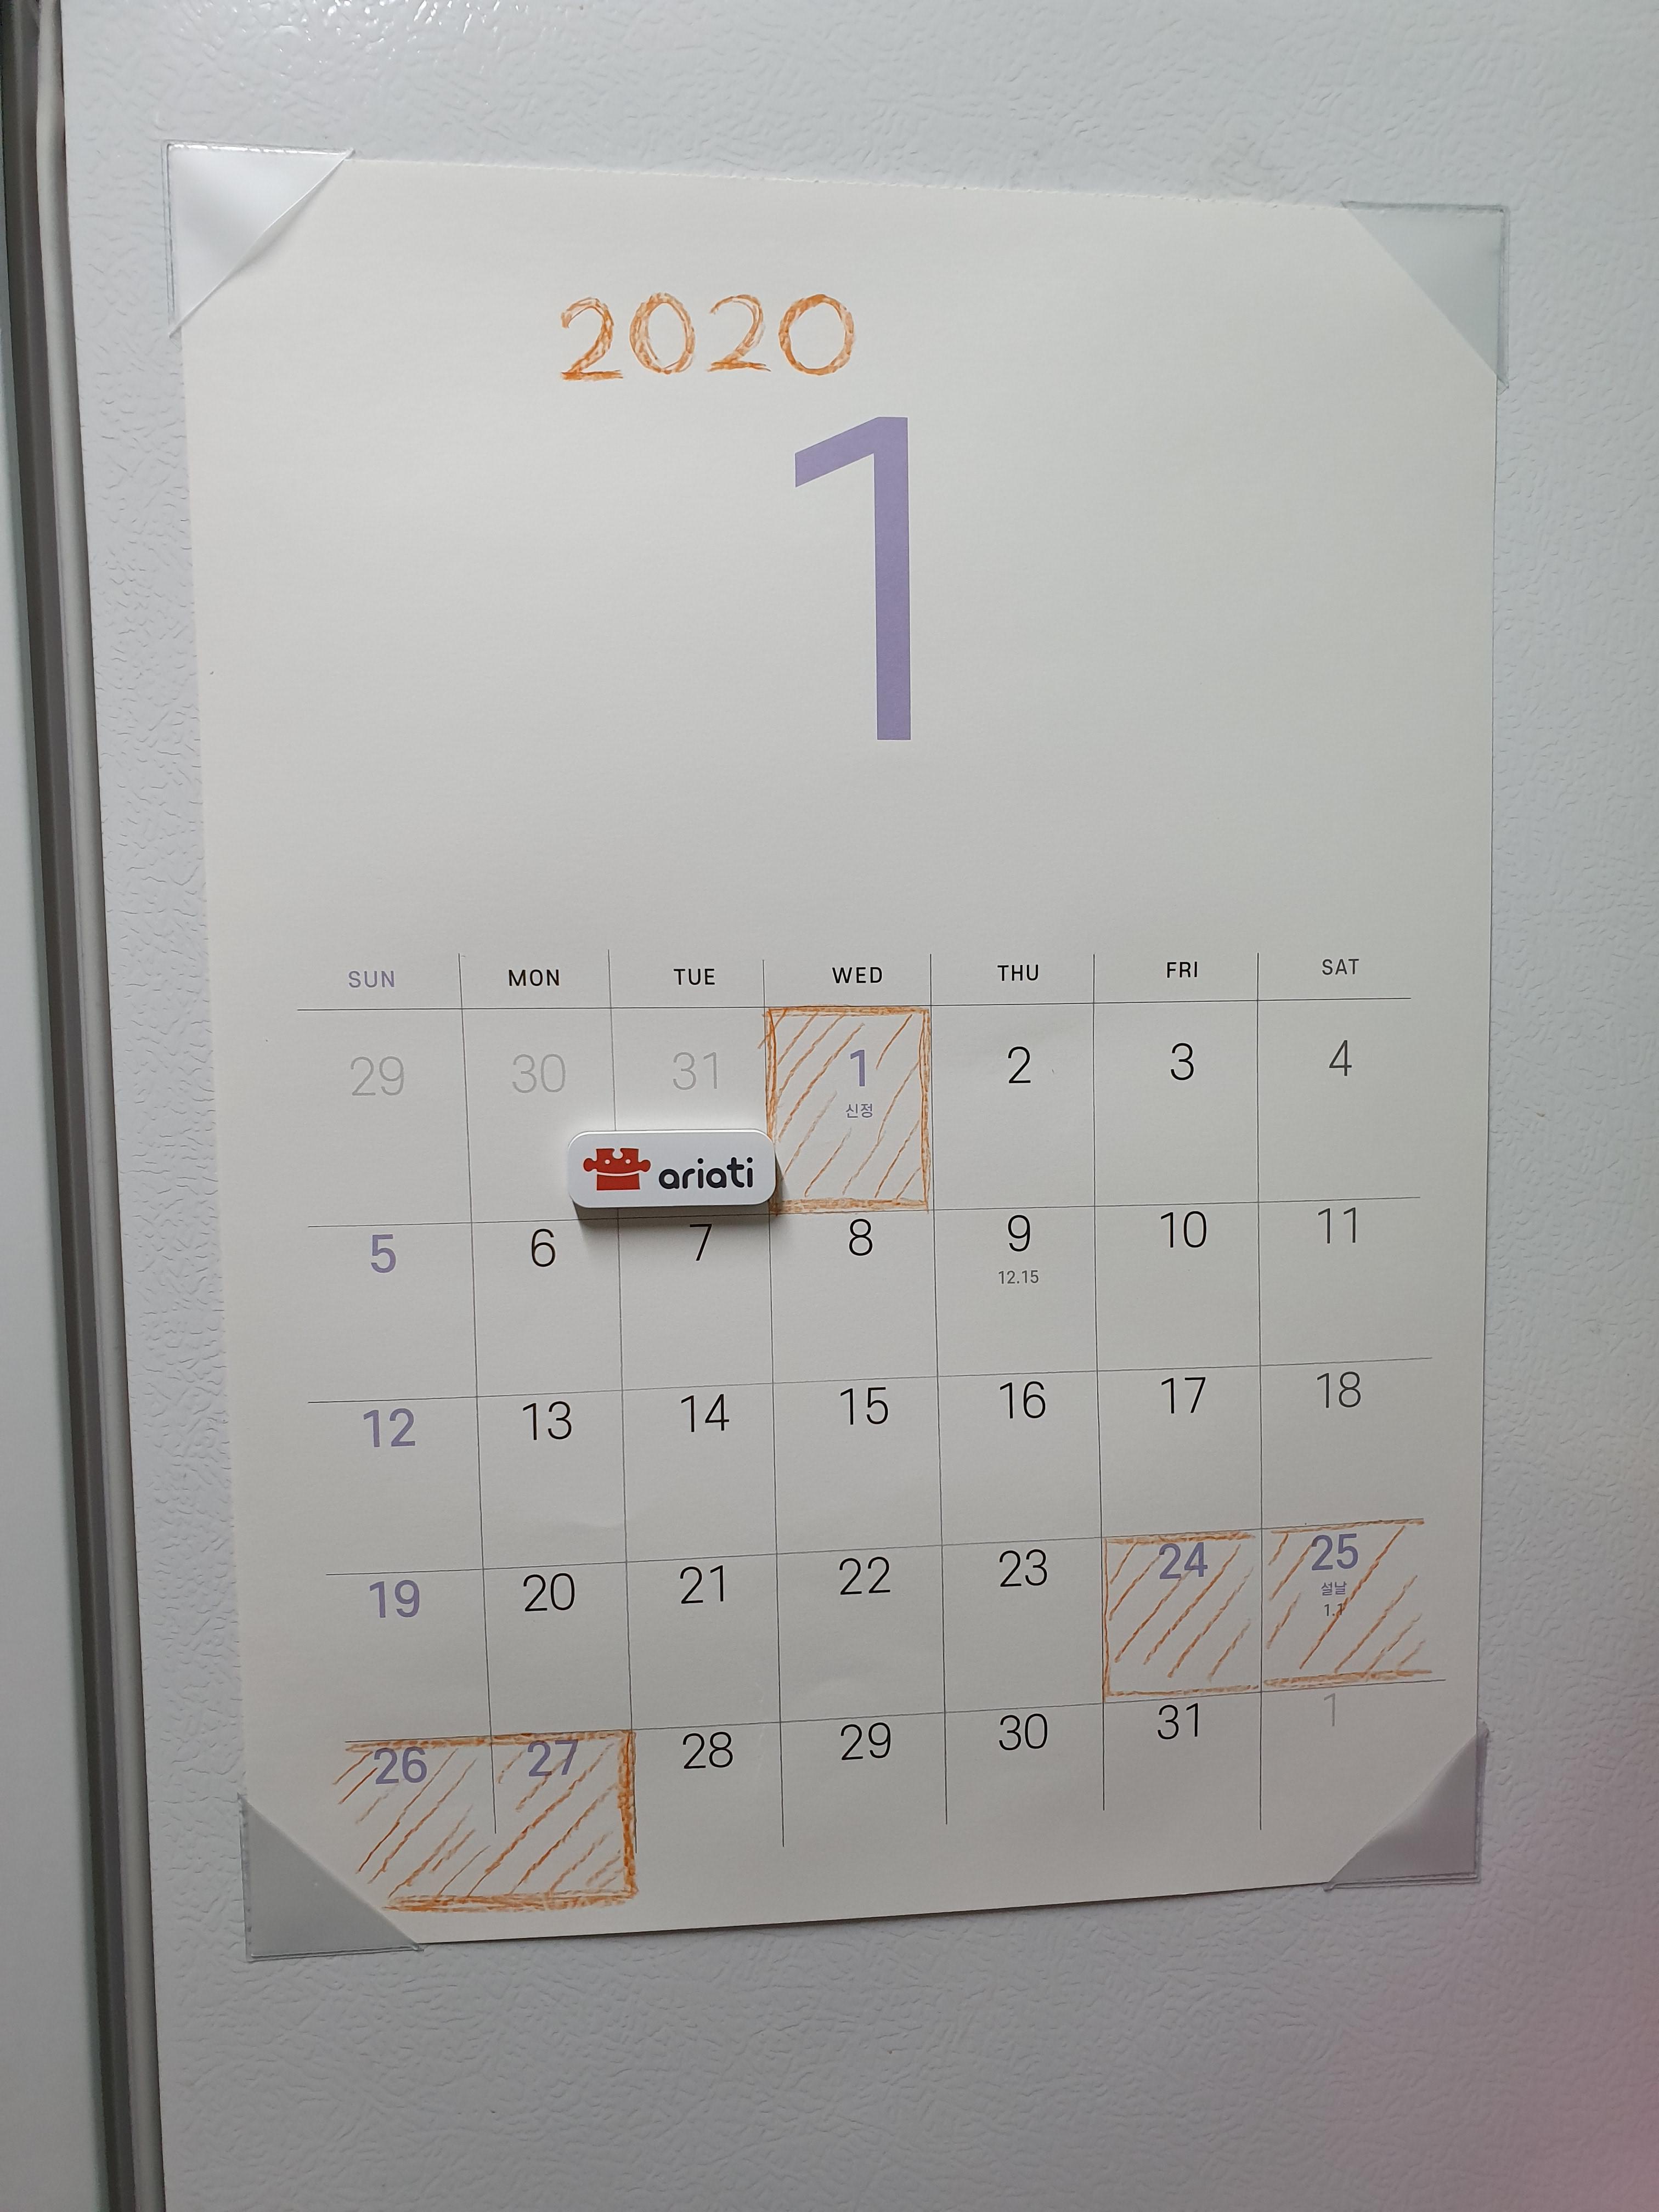 2020, 아직도 생소한 년도